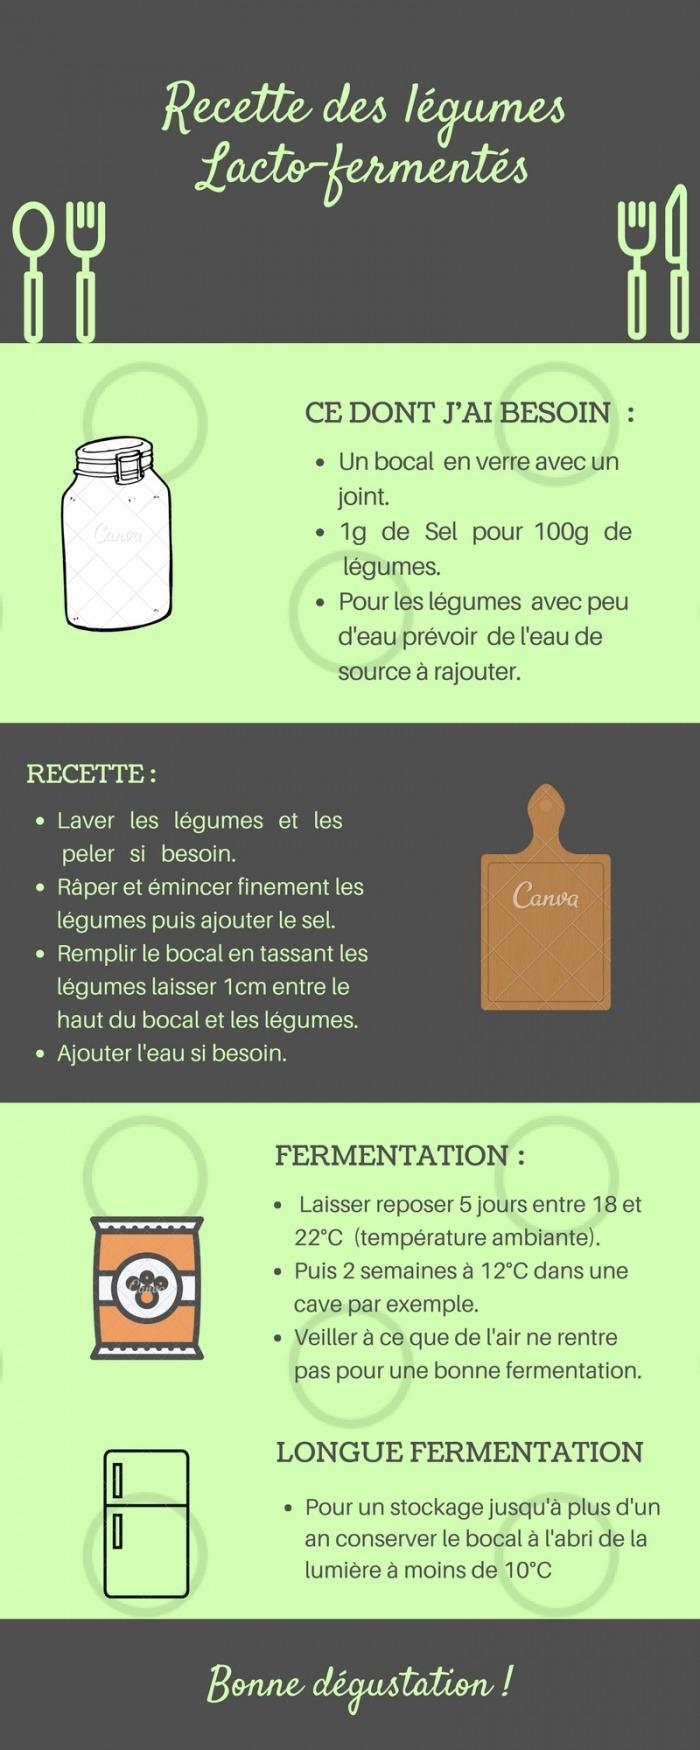 Recette de légumes Lacto-fermentés